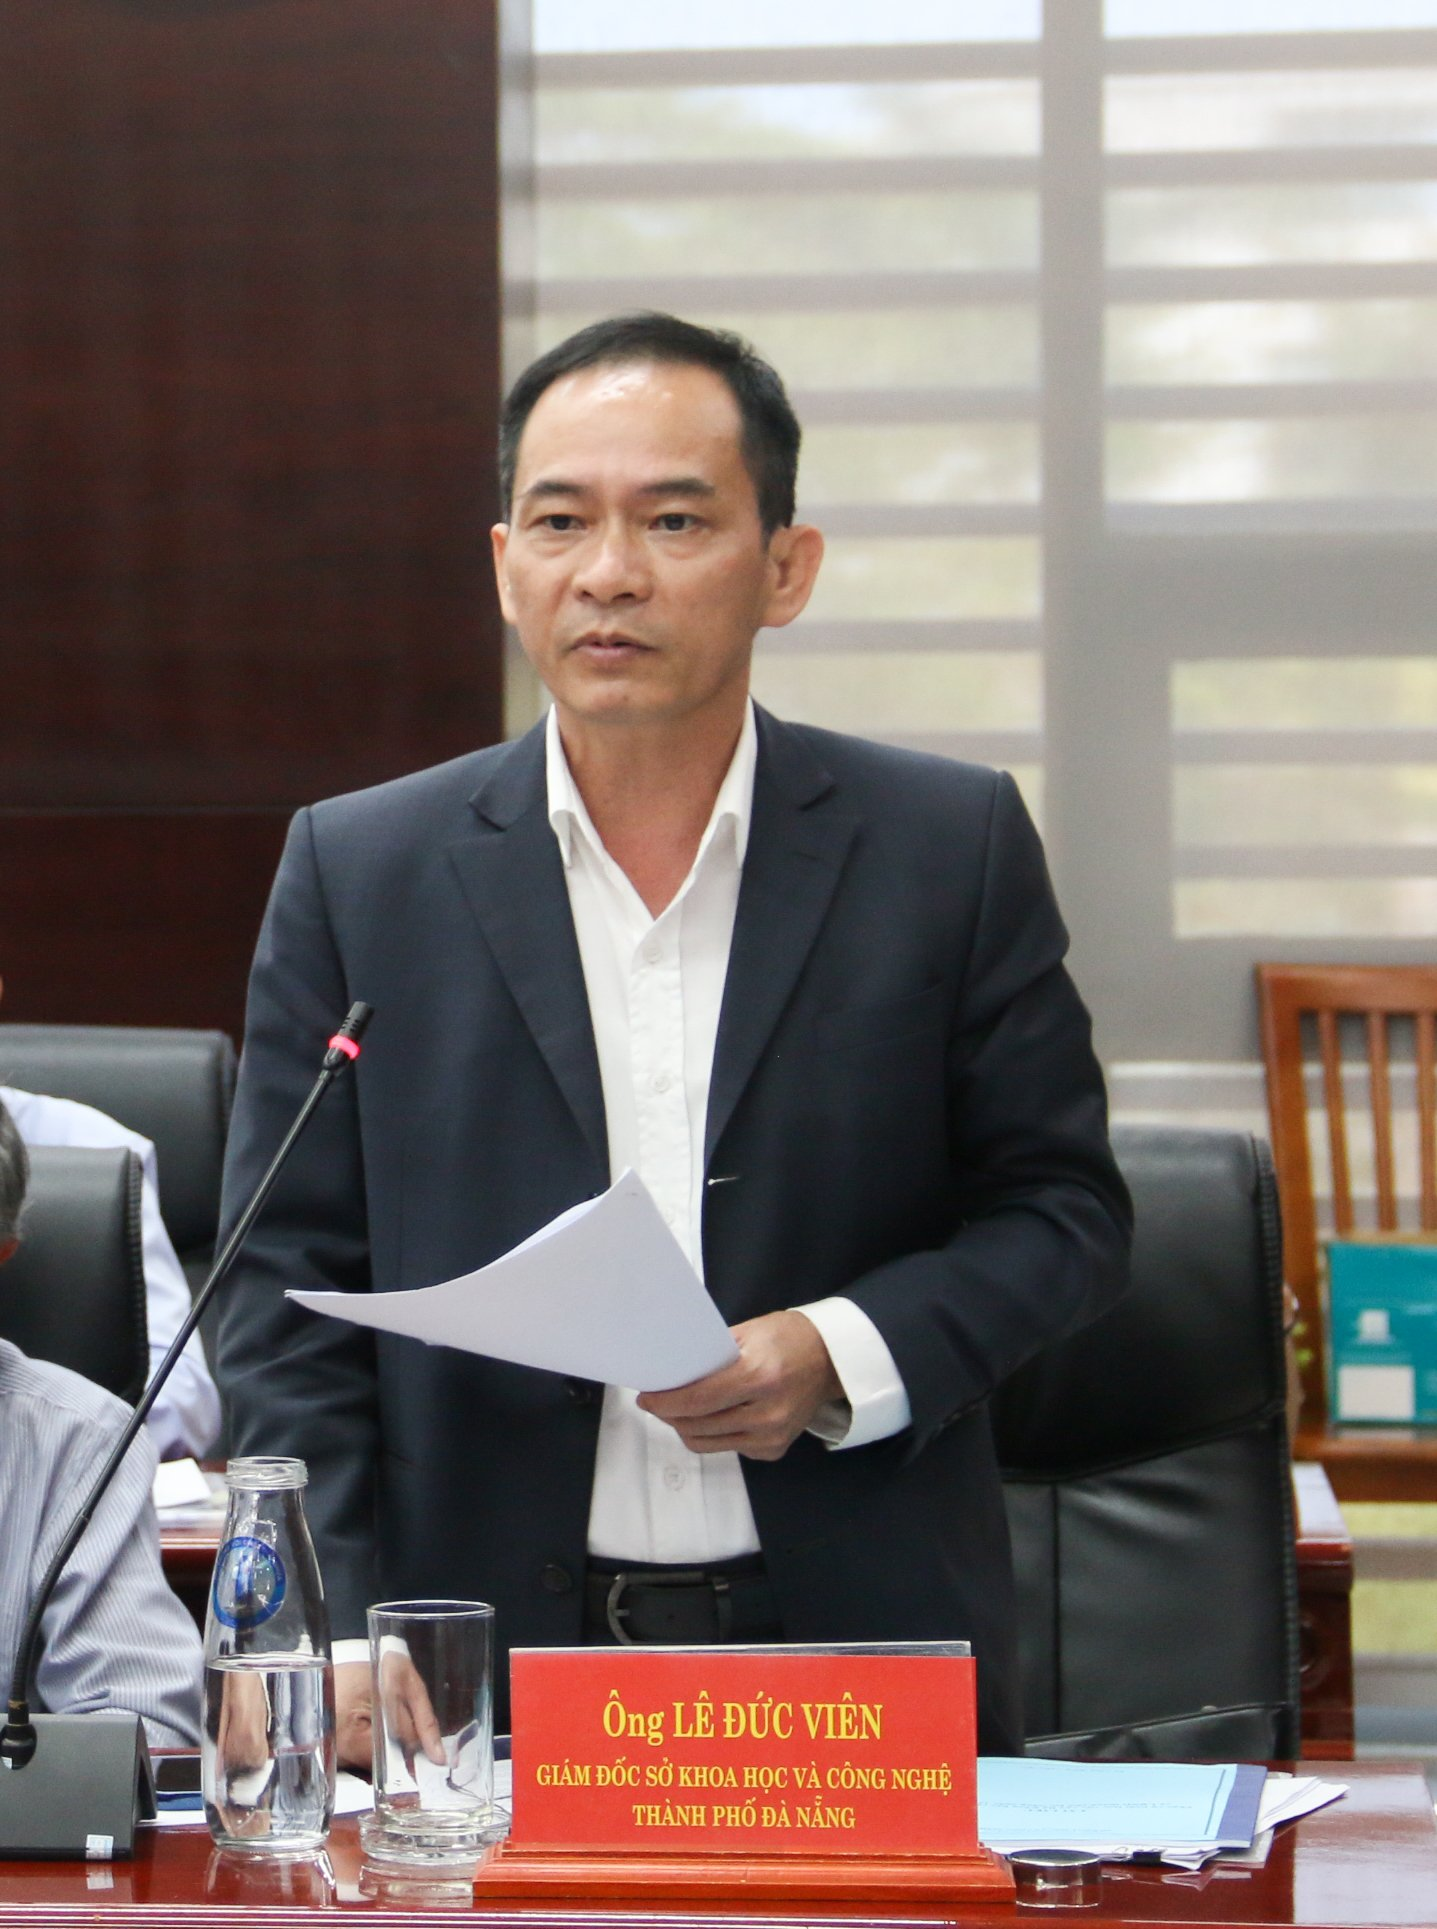 Doanh nghiệp Khoa học và Công nghệ Đà Nẵng không ngừng phát triển - Ảnh 2.